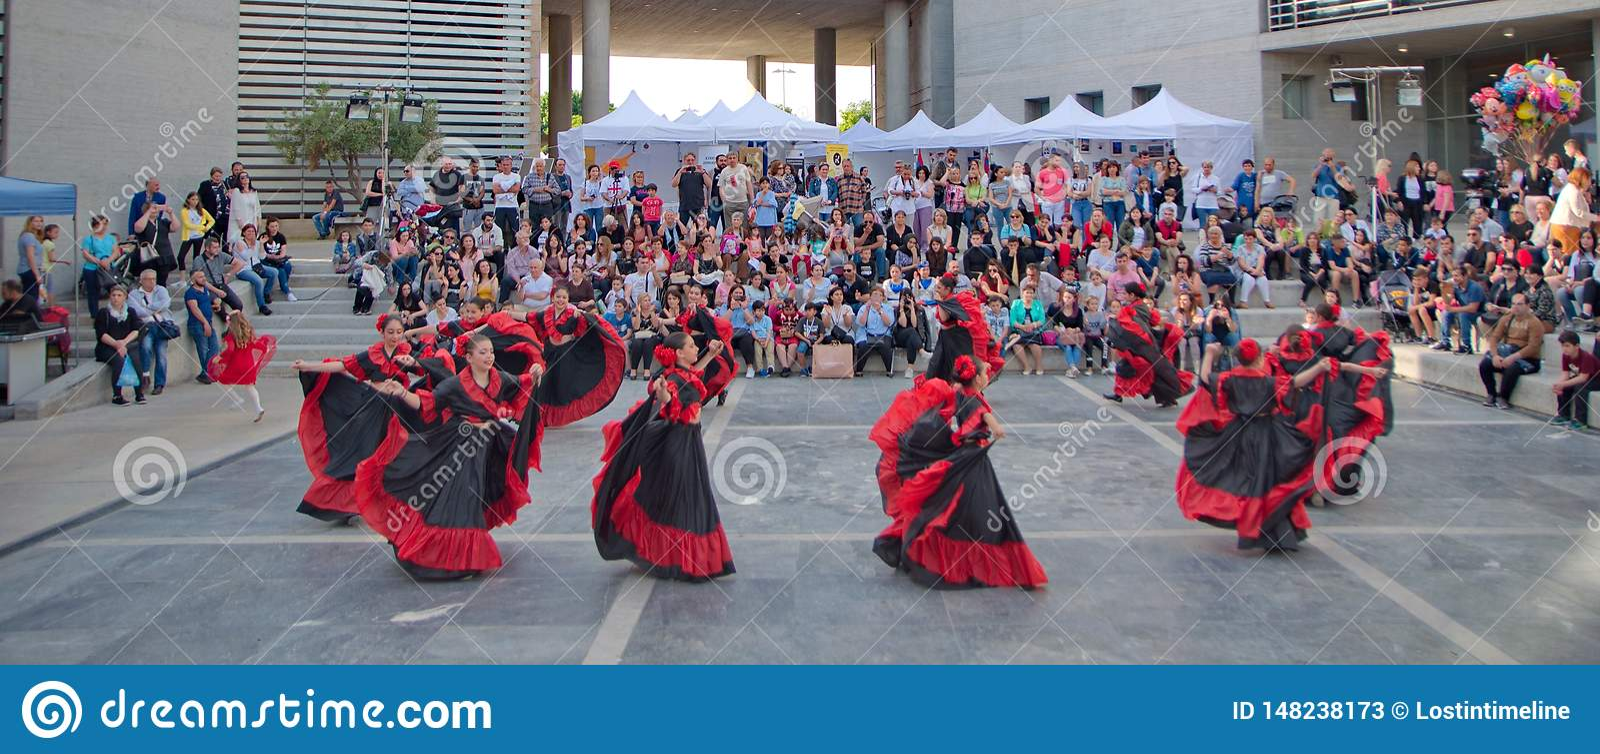 Dança tradicional em uma câmara municipal